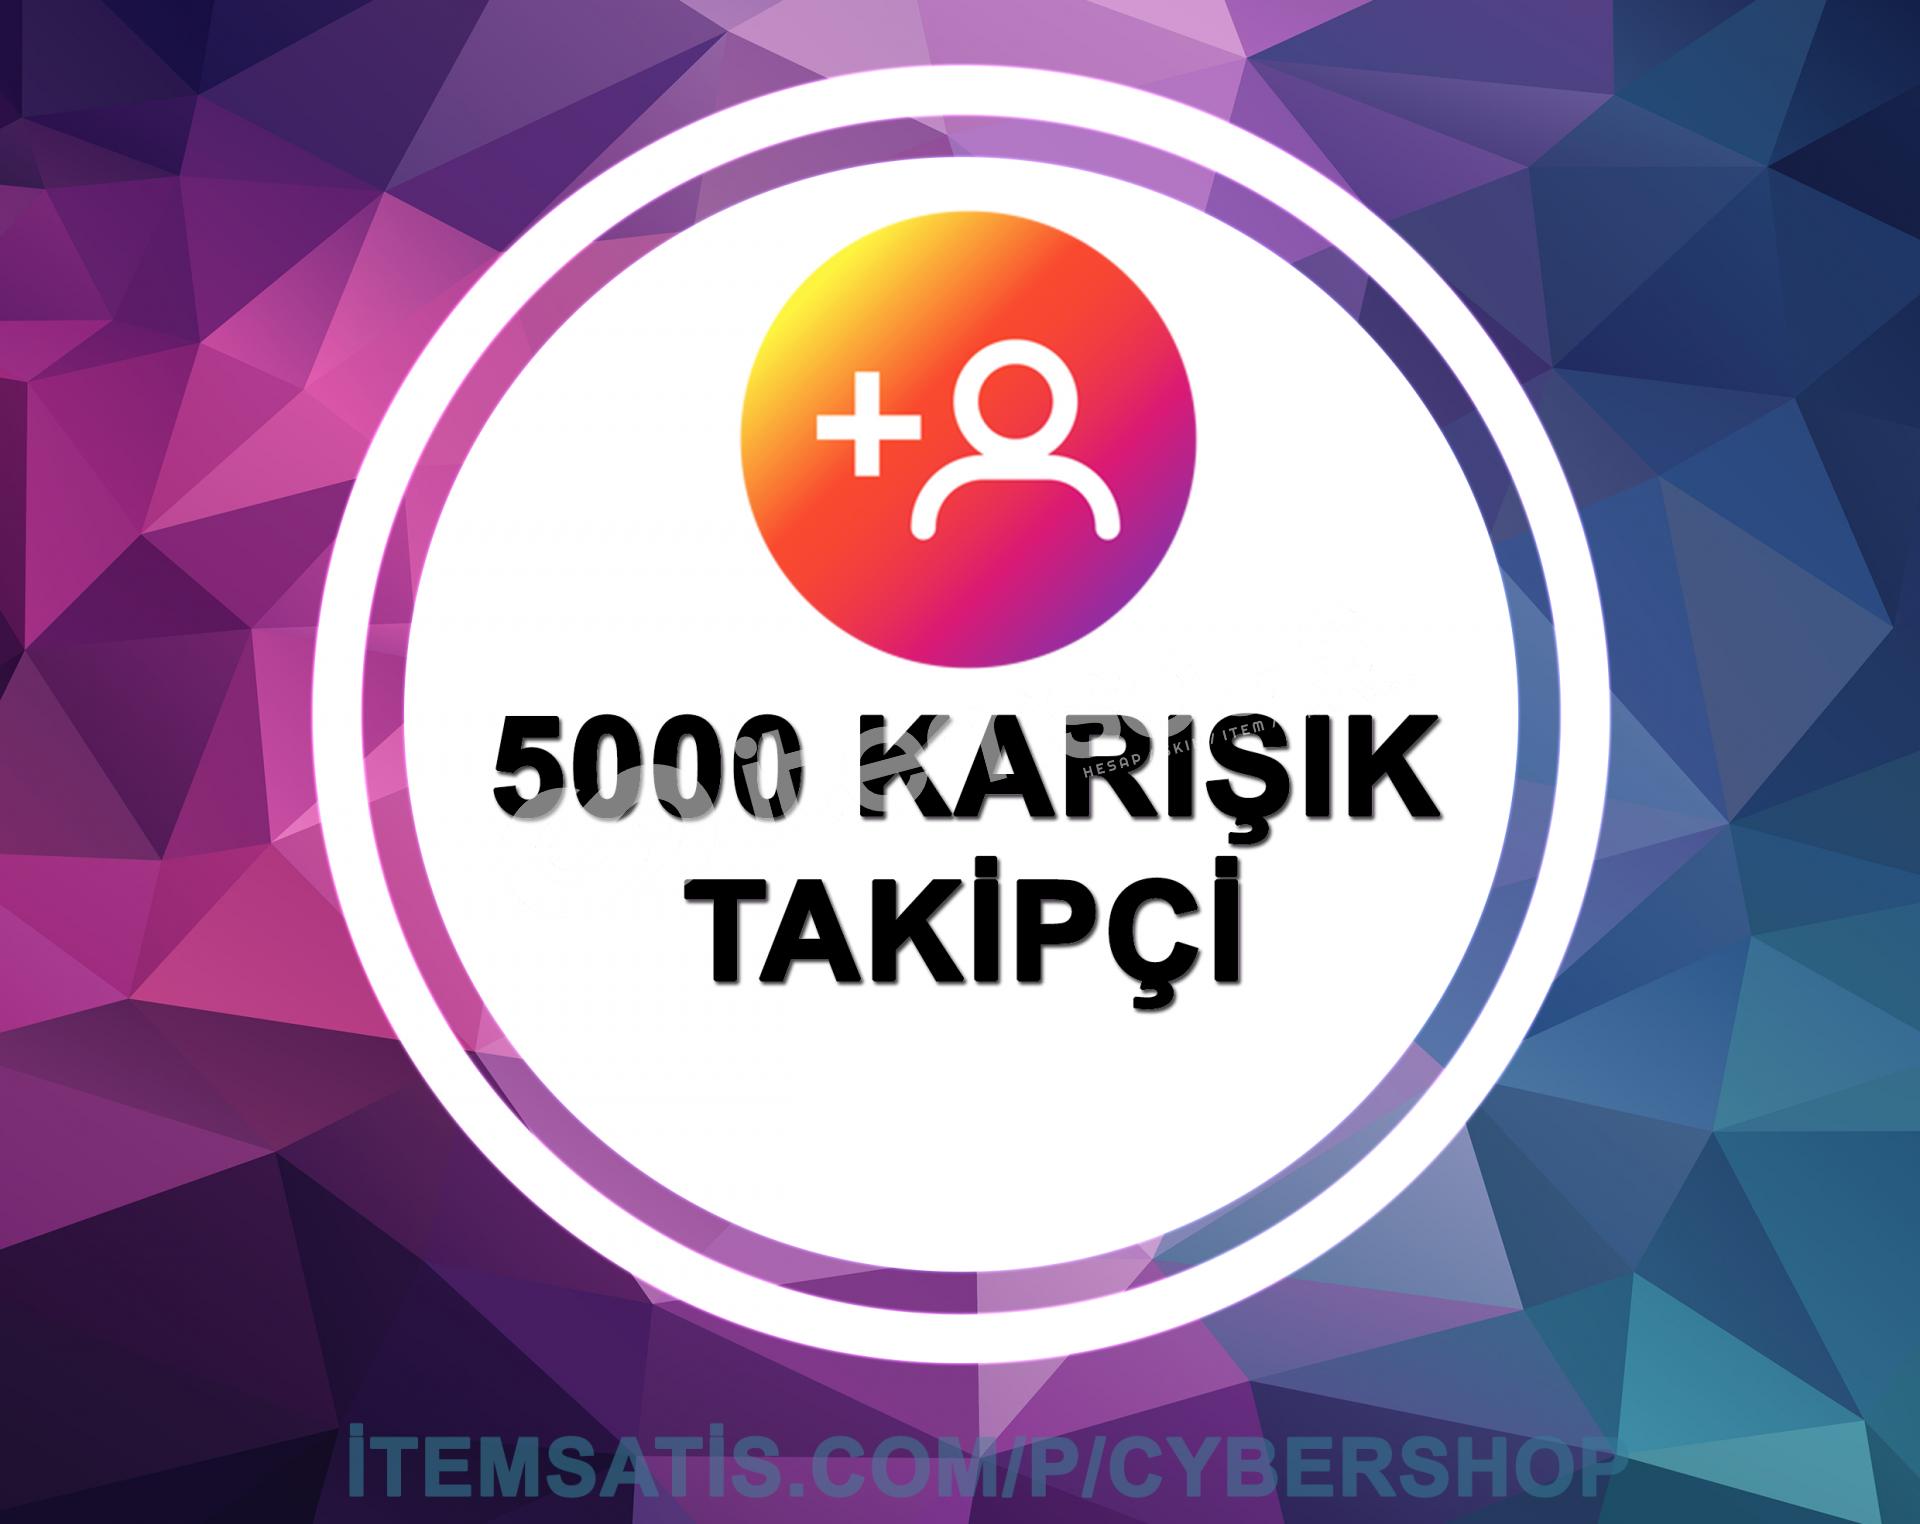 5000 İnstagram Takipçi Paketi (Anlık Teslimat)